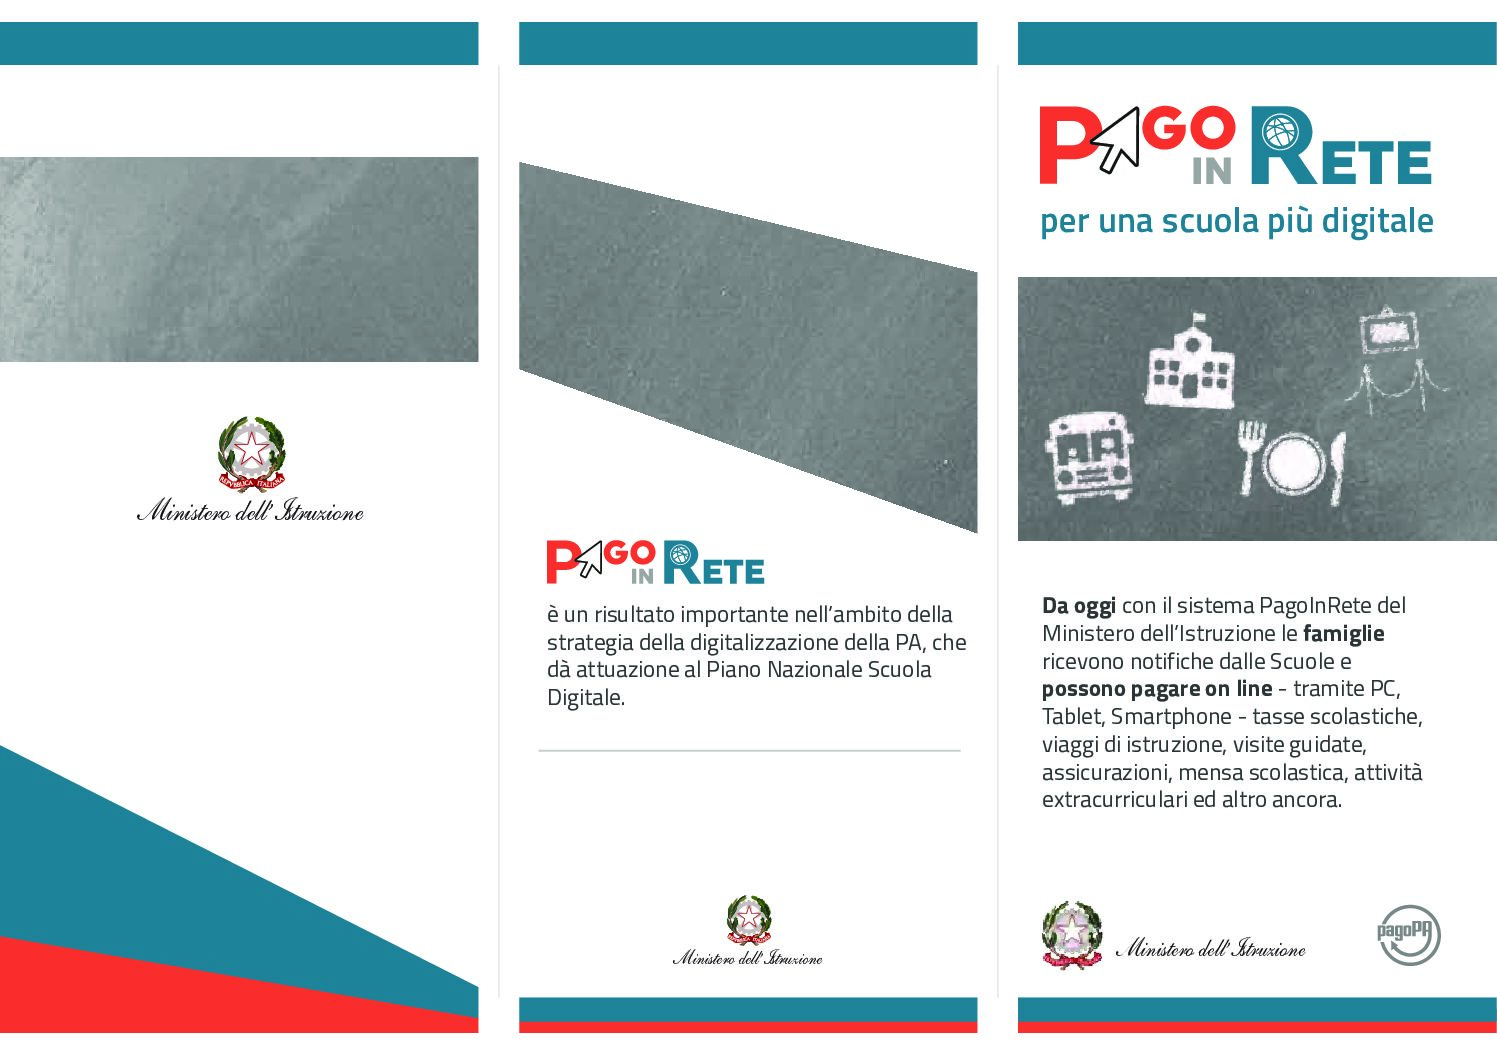 Attivazione del servizio MIUR Pago In Rete per i pagamenti telematici delle famiglie verso l'Istituto Scolastico.